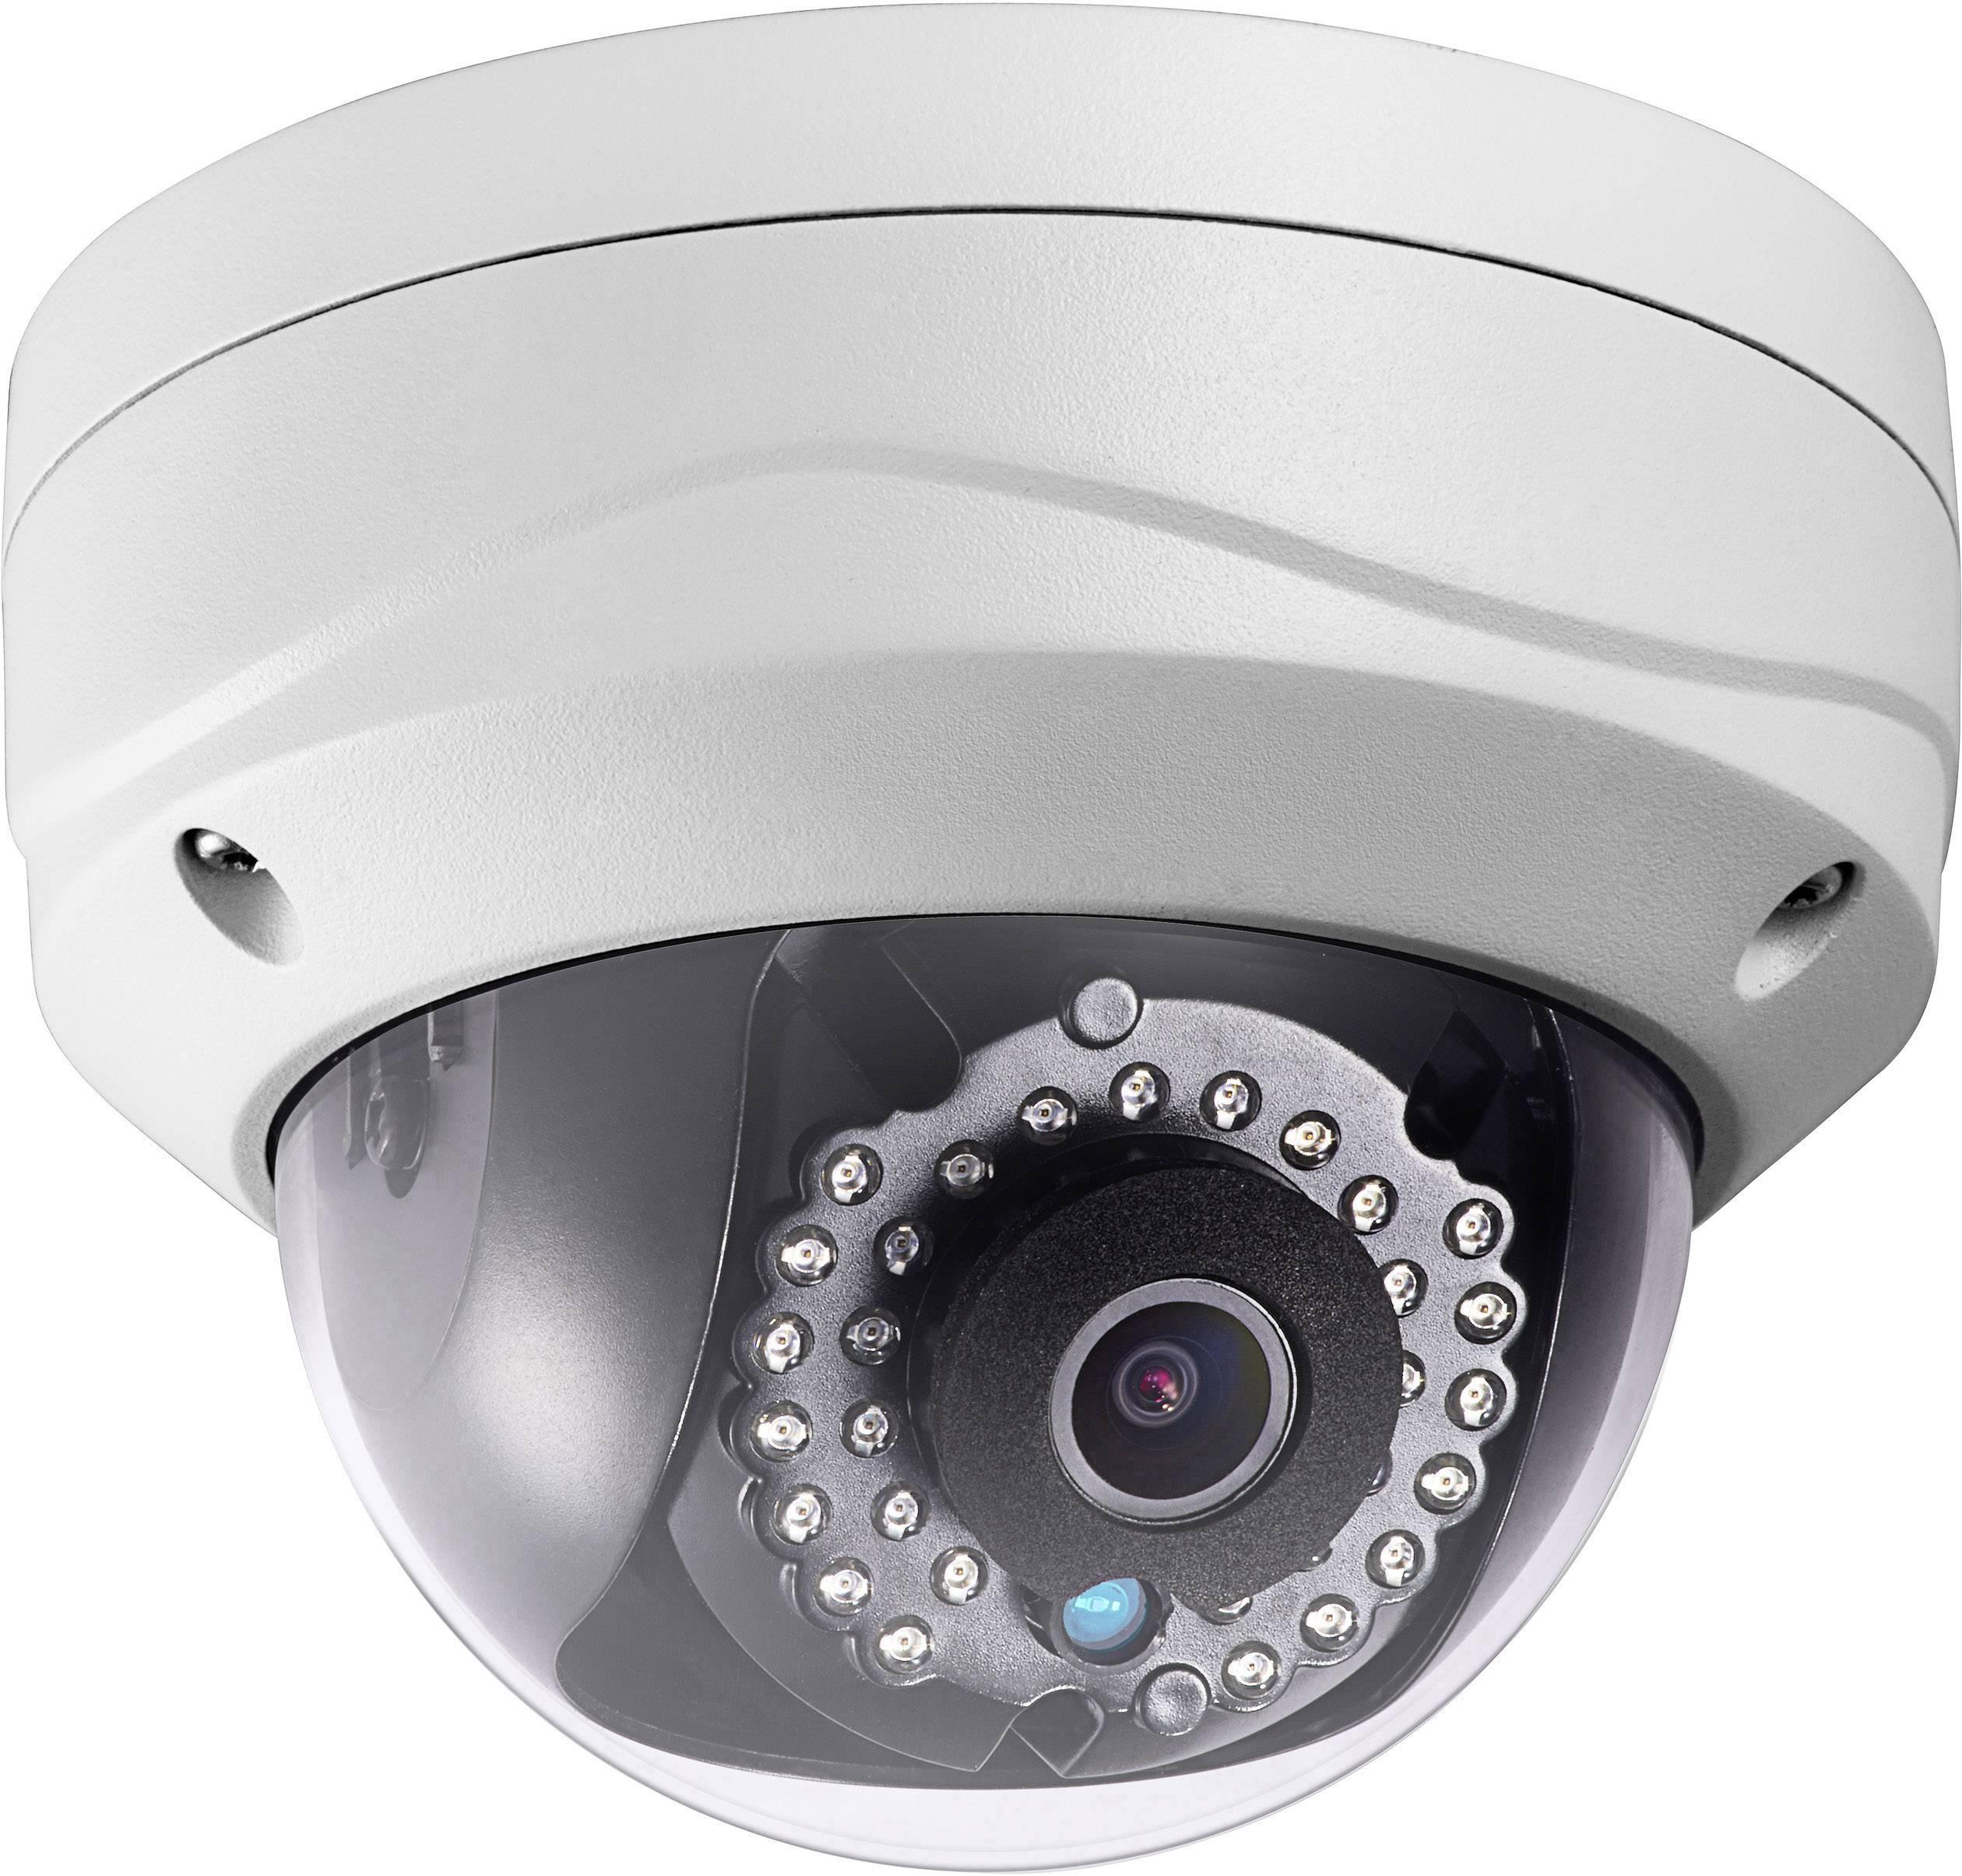 Bezpečnostná kamera HiWatch DS-I221 2,8mm, LAN, 1920 x 1080 pix